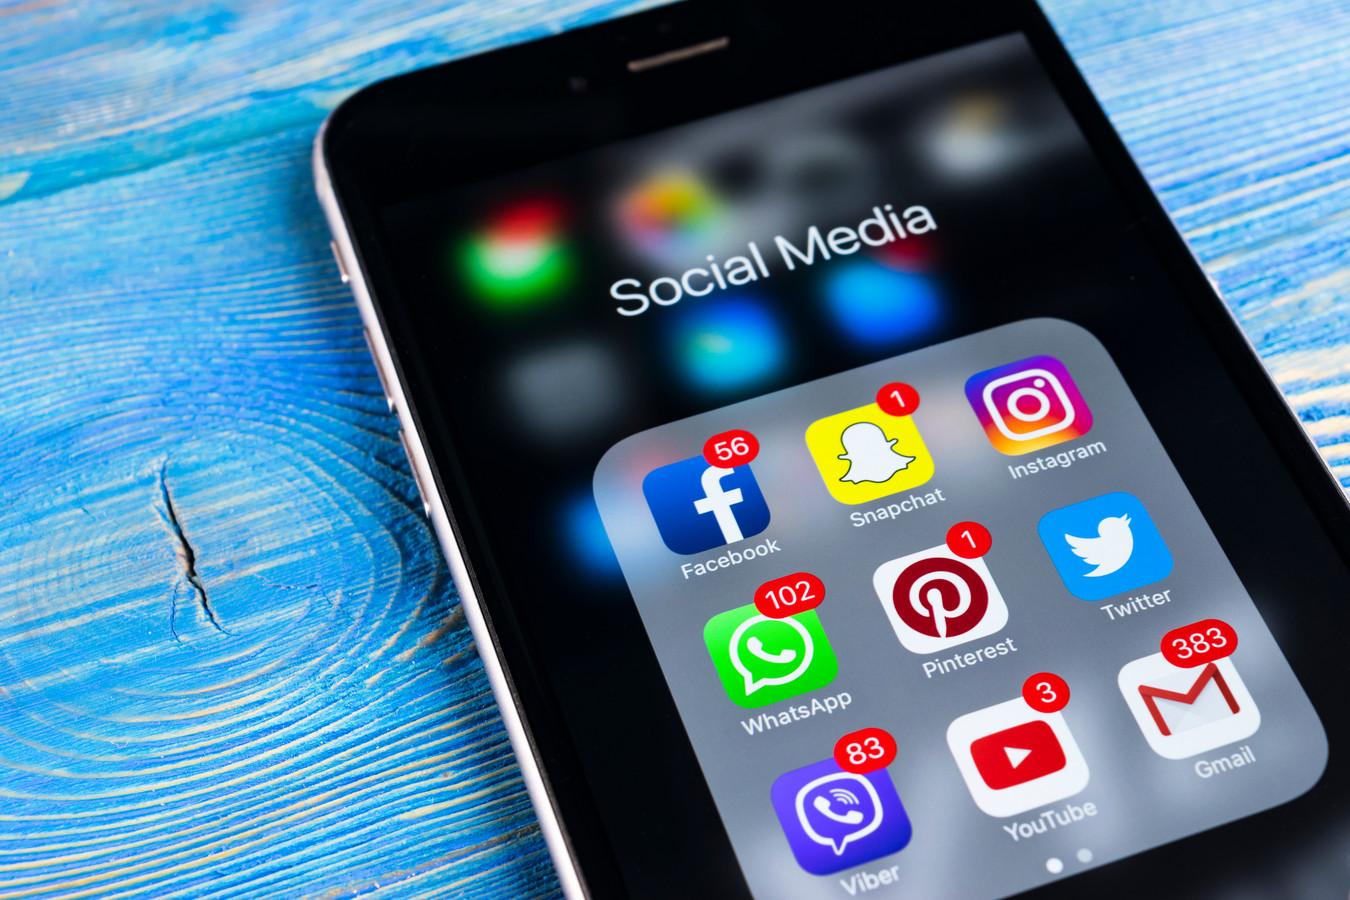 Andermaal veroorzaakte expliciete inhoud op apps als Snapchat en Instagram problemen bij tieners.